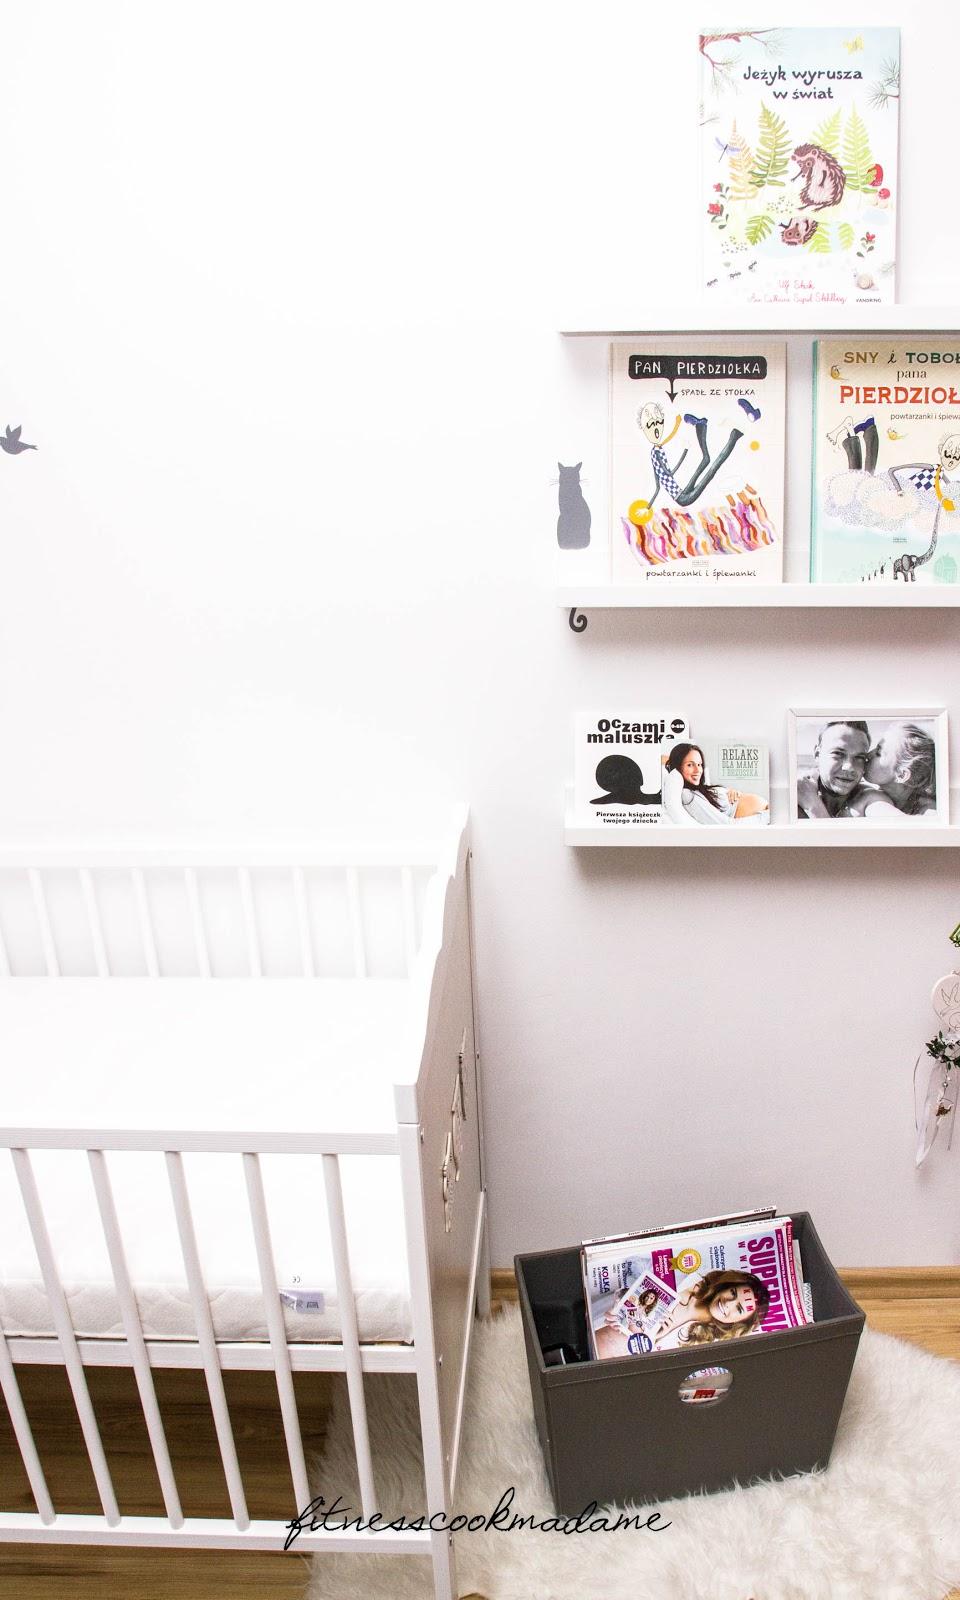 Pokój niemowlaka, książeczki.